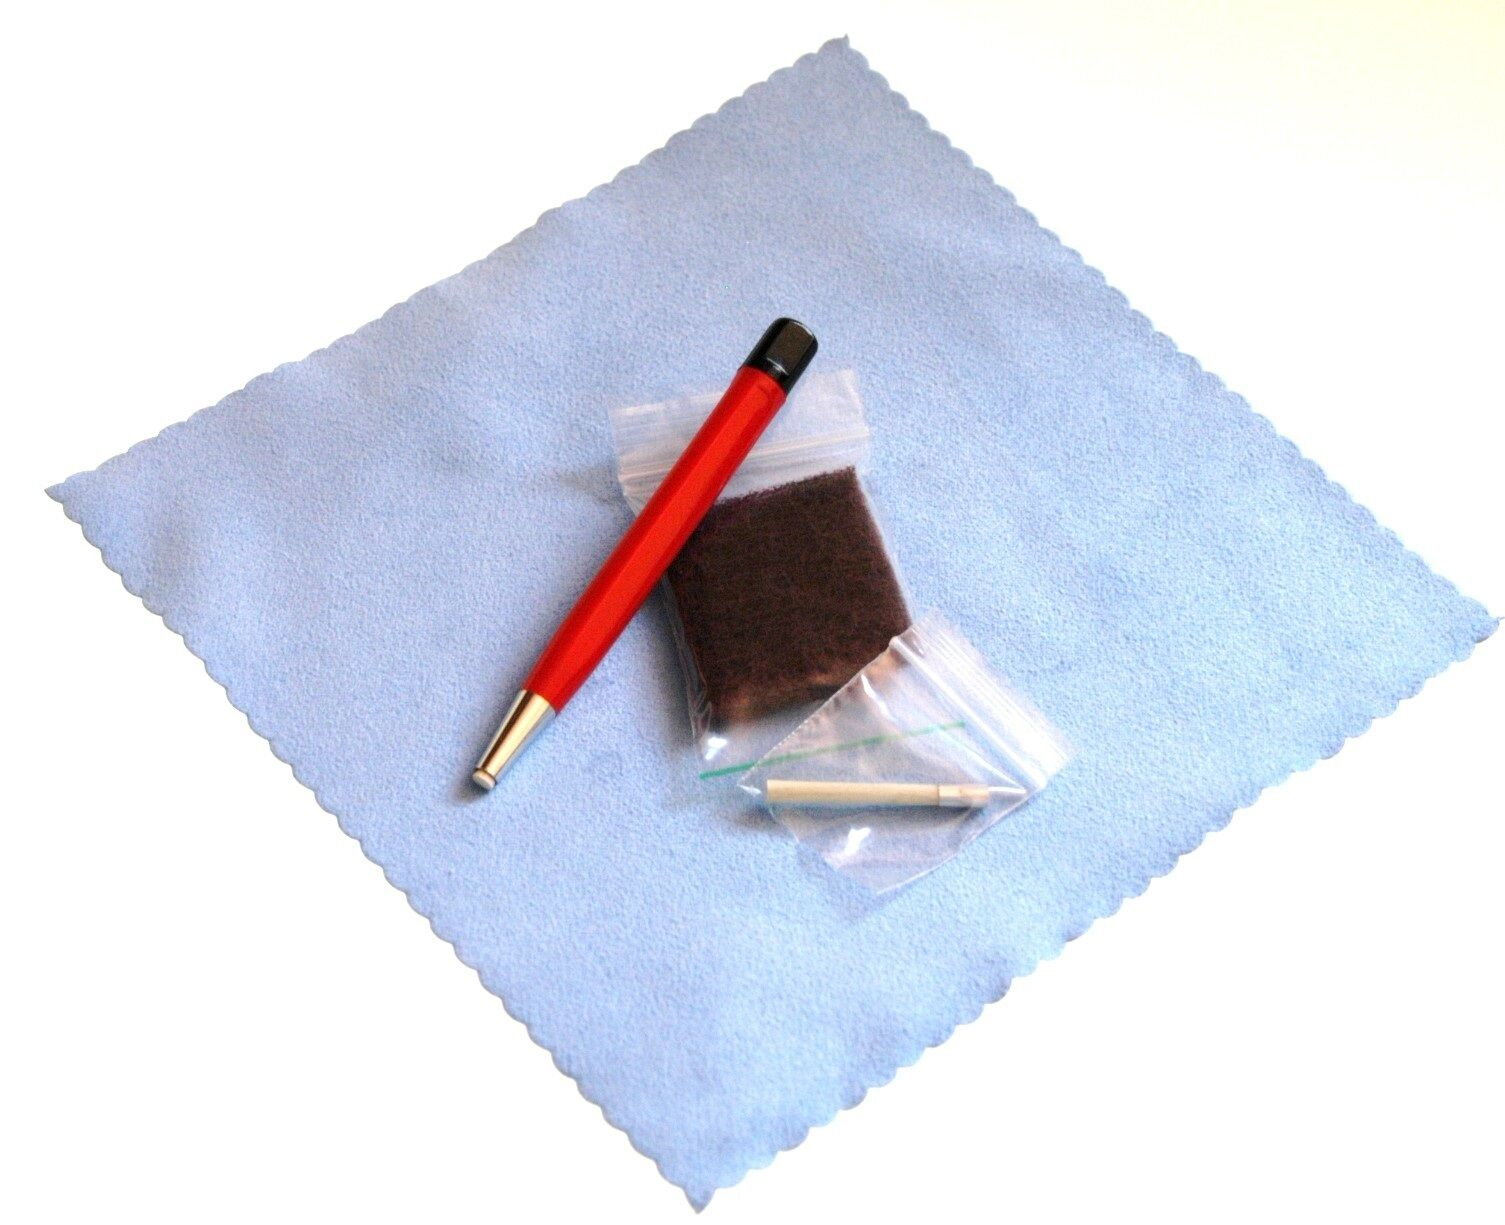 Brushed Steel Refinish Pad & Pen For Transatlantique Sati...